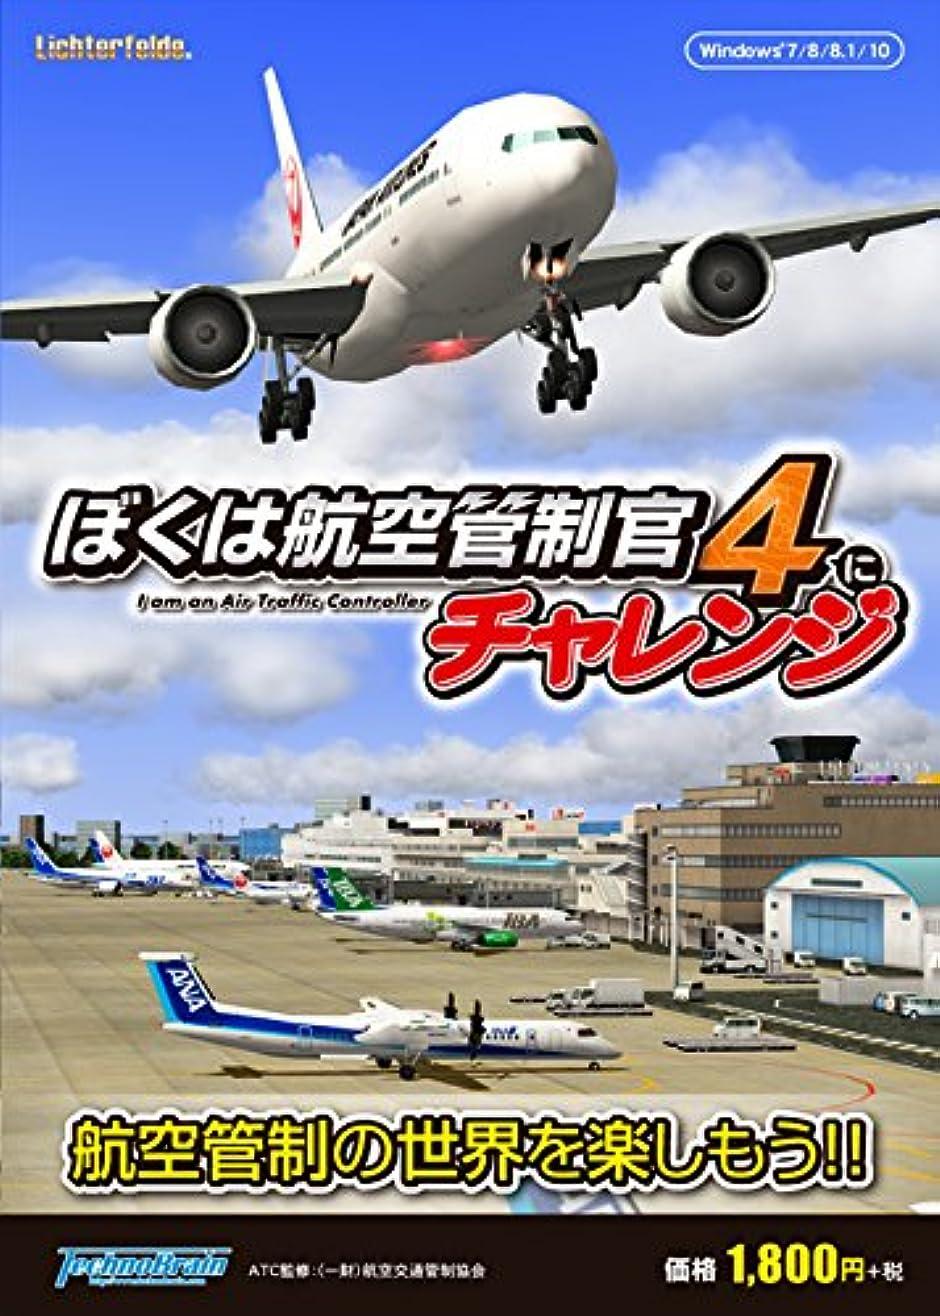 ガソリン一人で独占休日は飛行機に乗って。JAS虹の翼 Professional